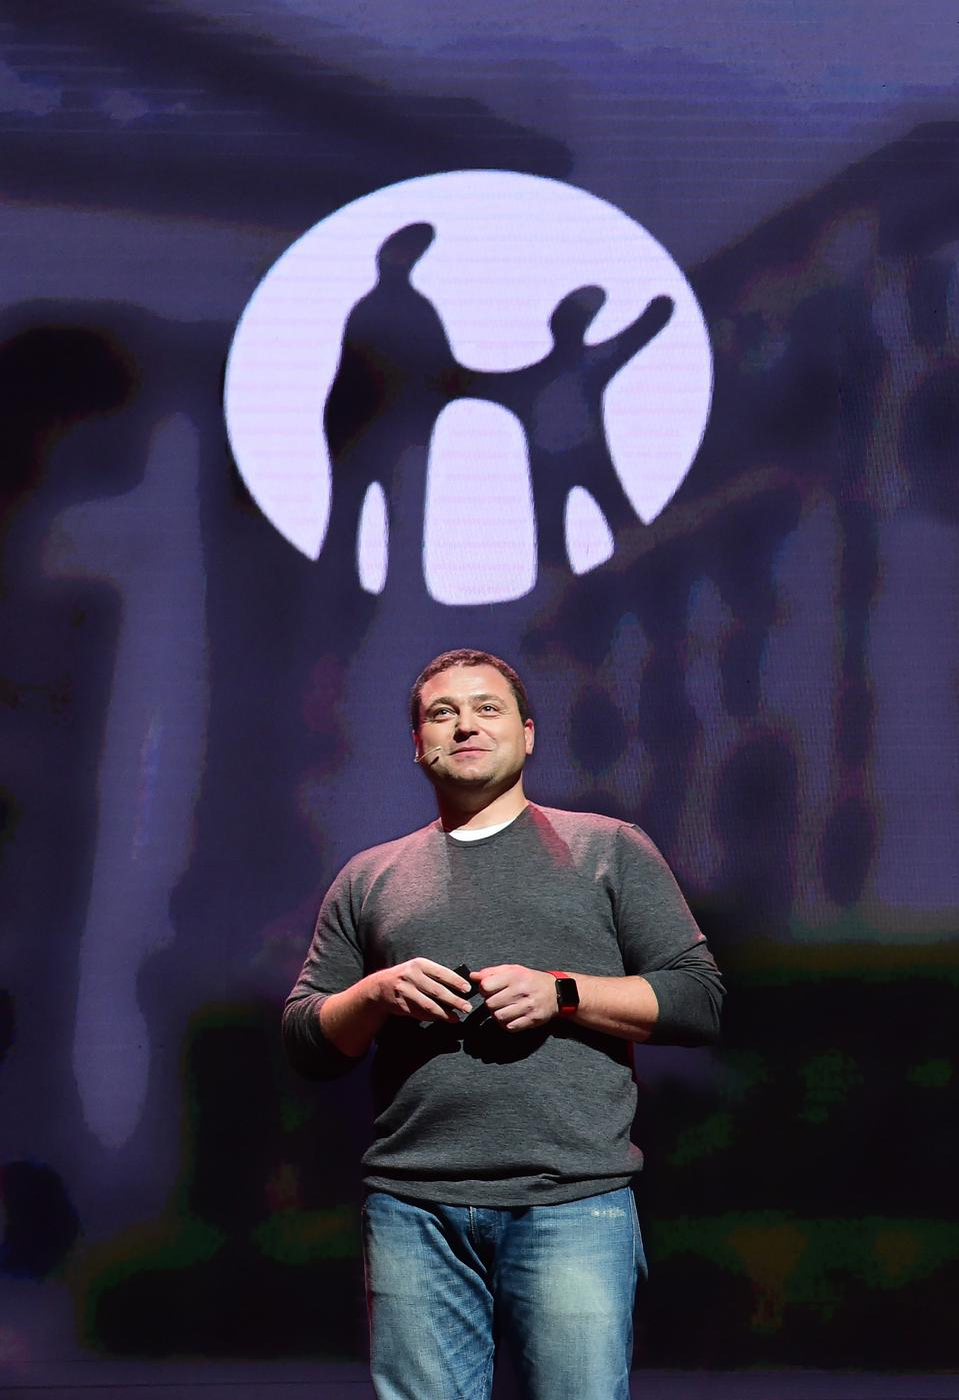 Kaspi's co-founder Mikhail Lomtadze